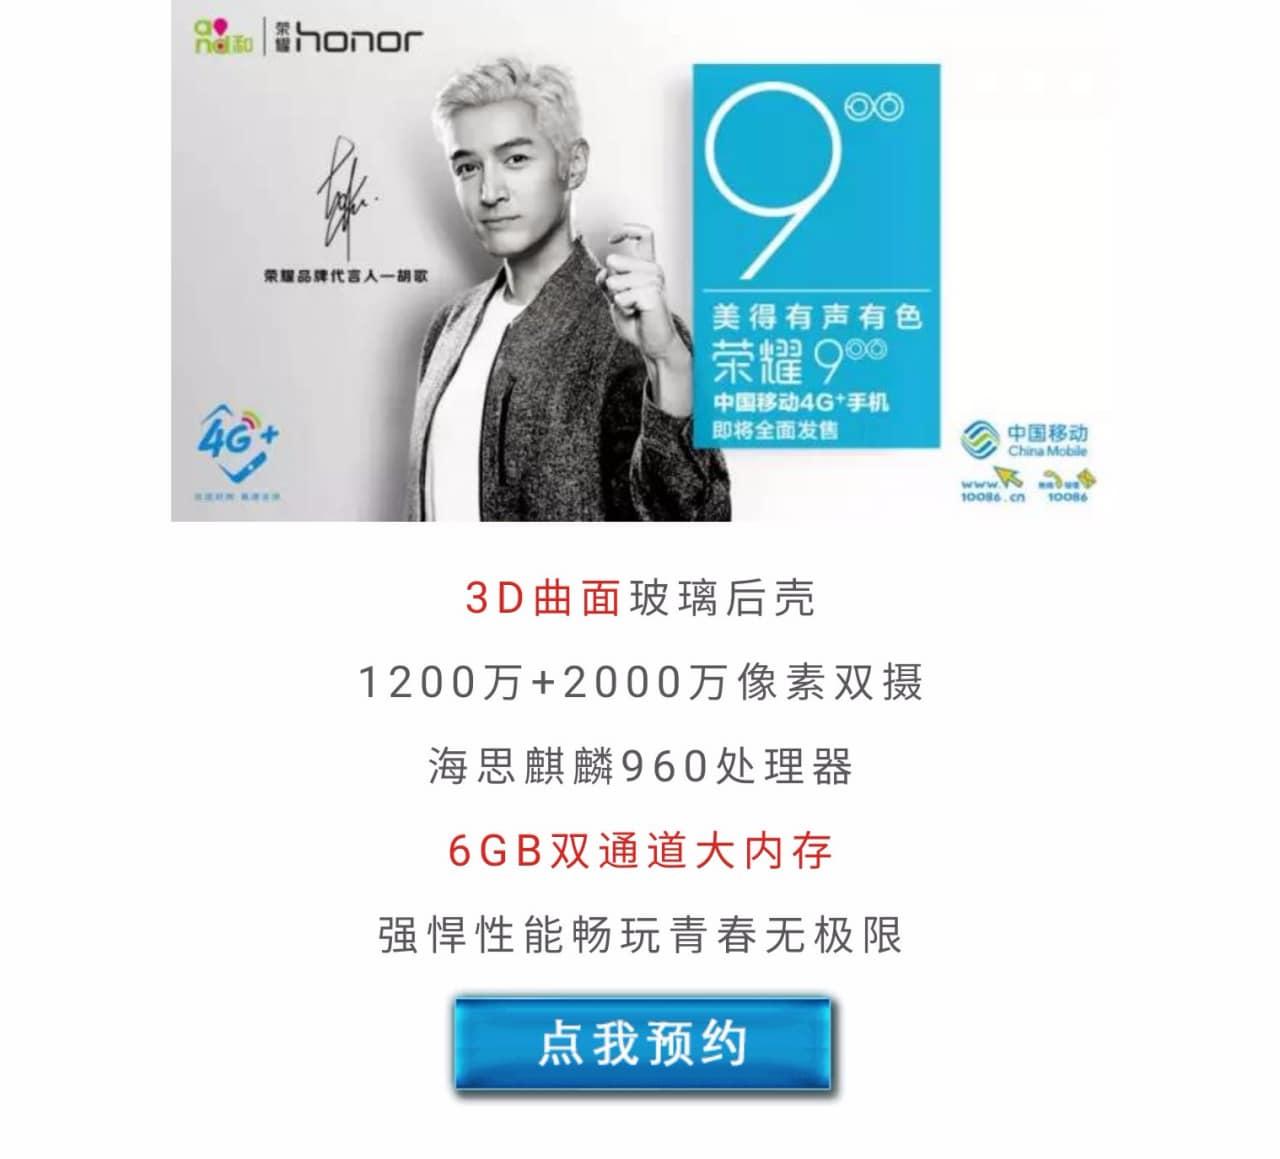 Honor 9, i rumor confermano le specifiche: Kirin 960, 6 GB di RAM e dual-cam